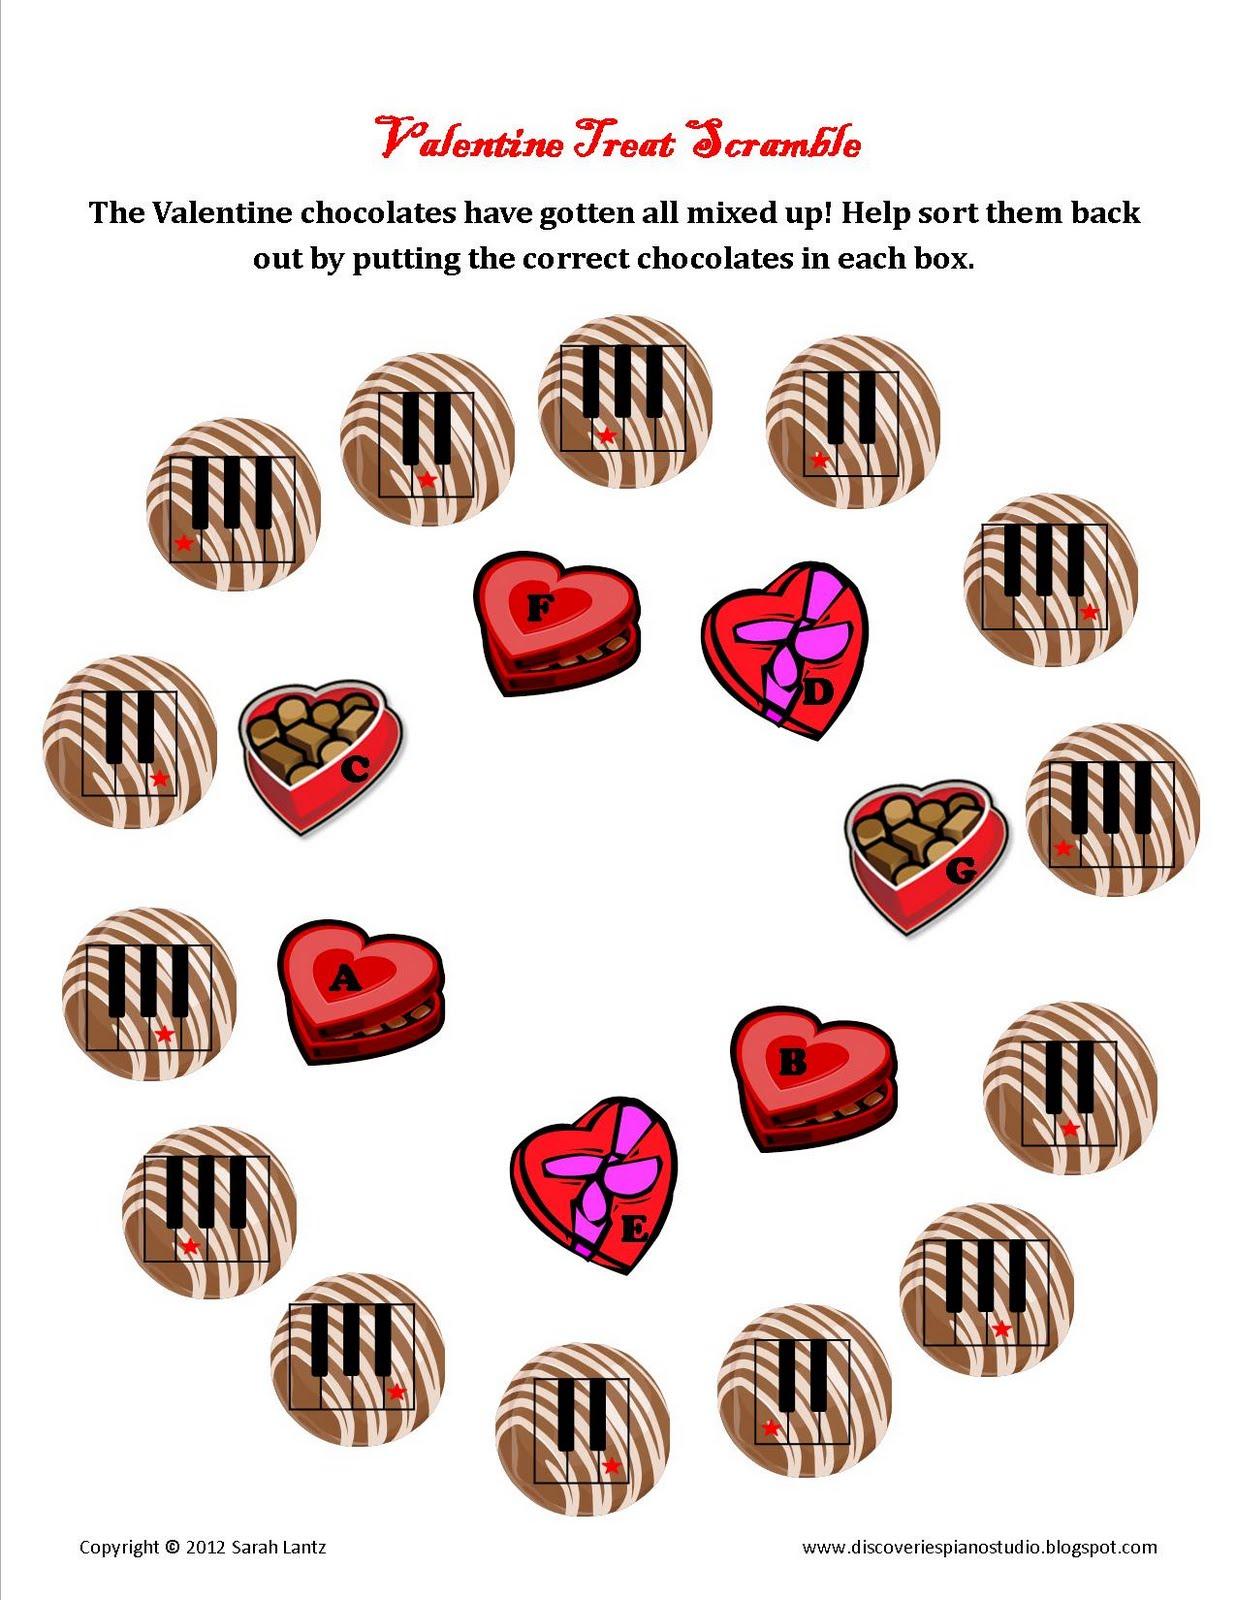 Discoveries Piano Studio Valentine Note Scramble For